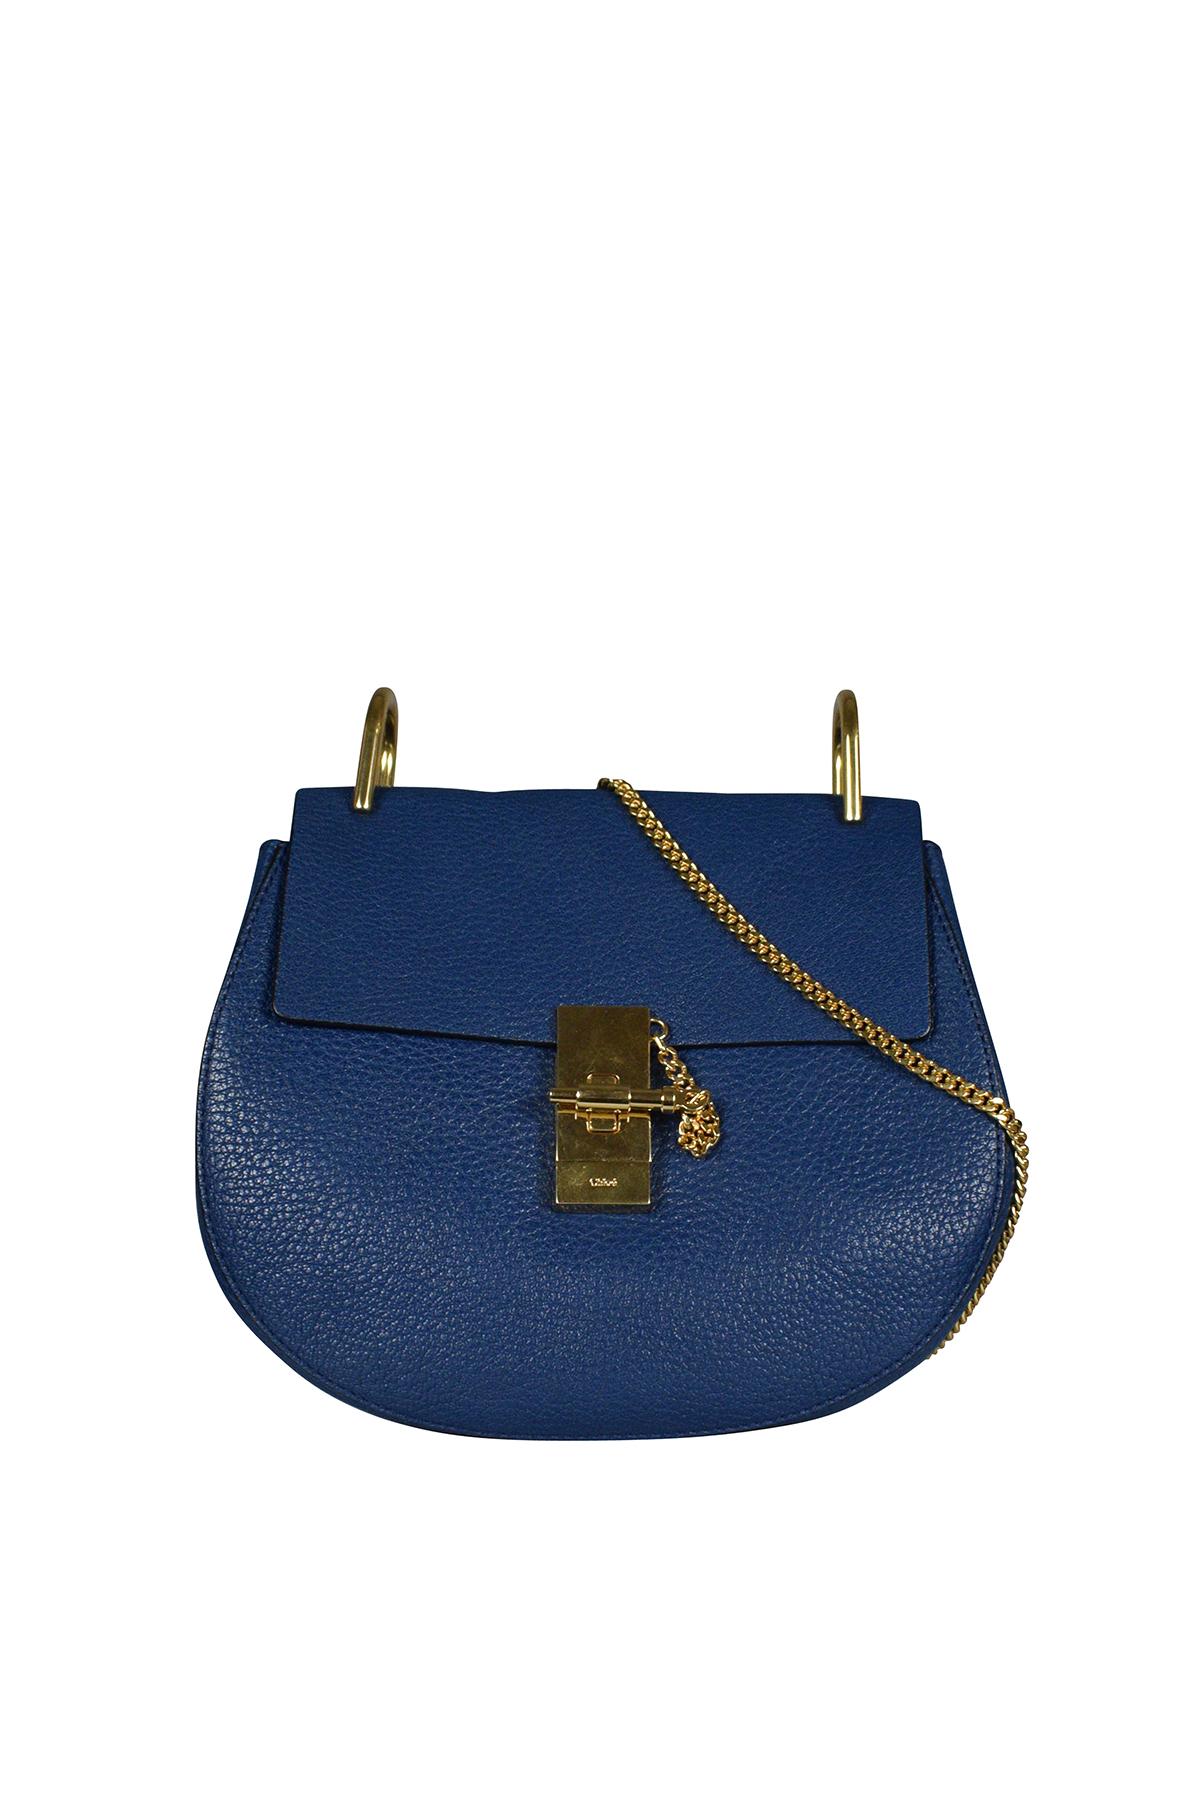 Drew Chloé shoulder bag in navy blue leather.